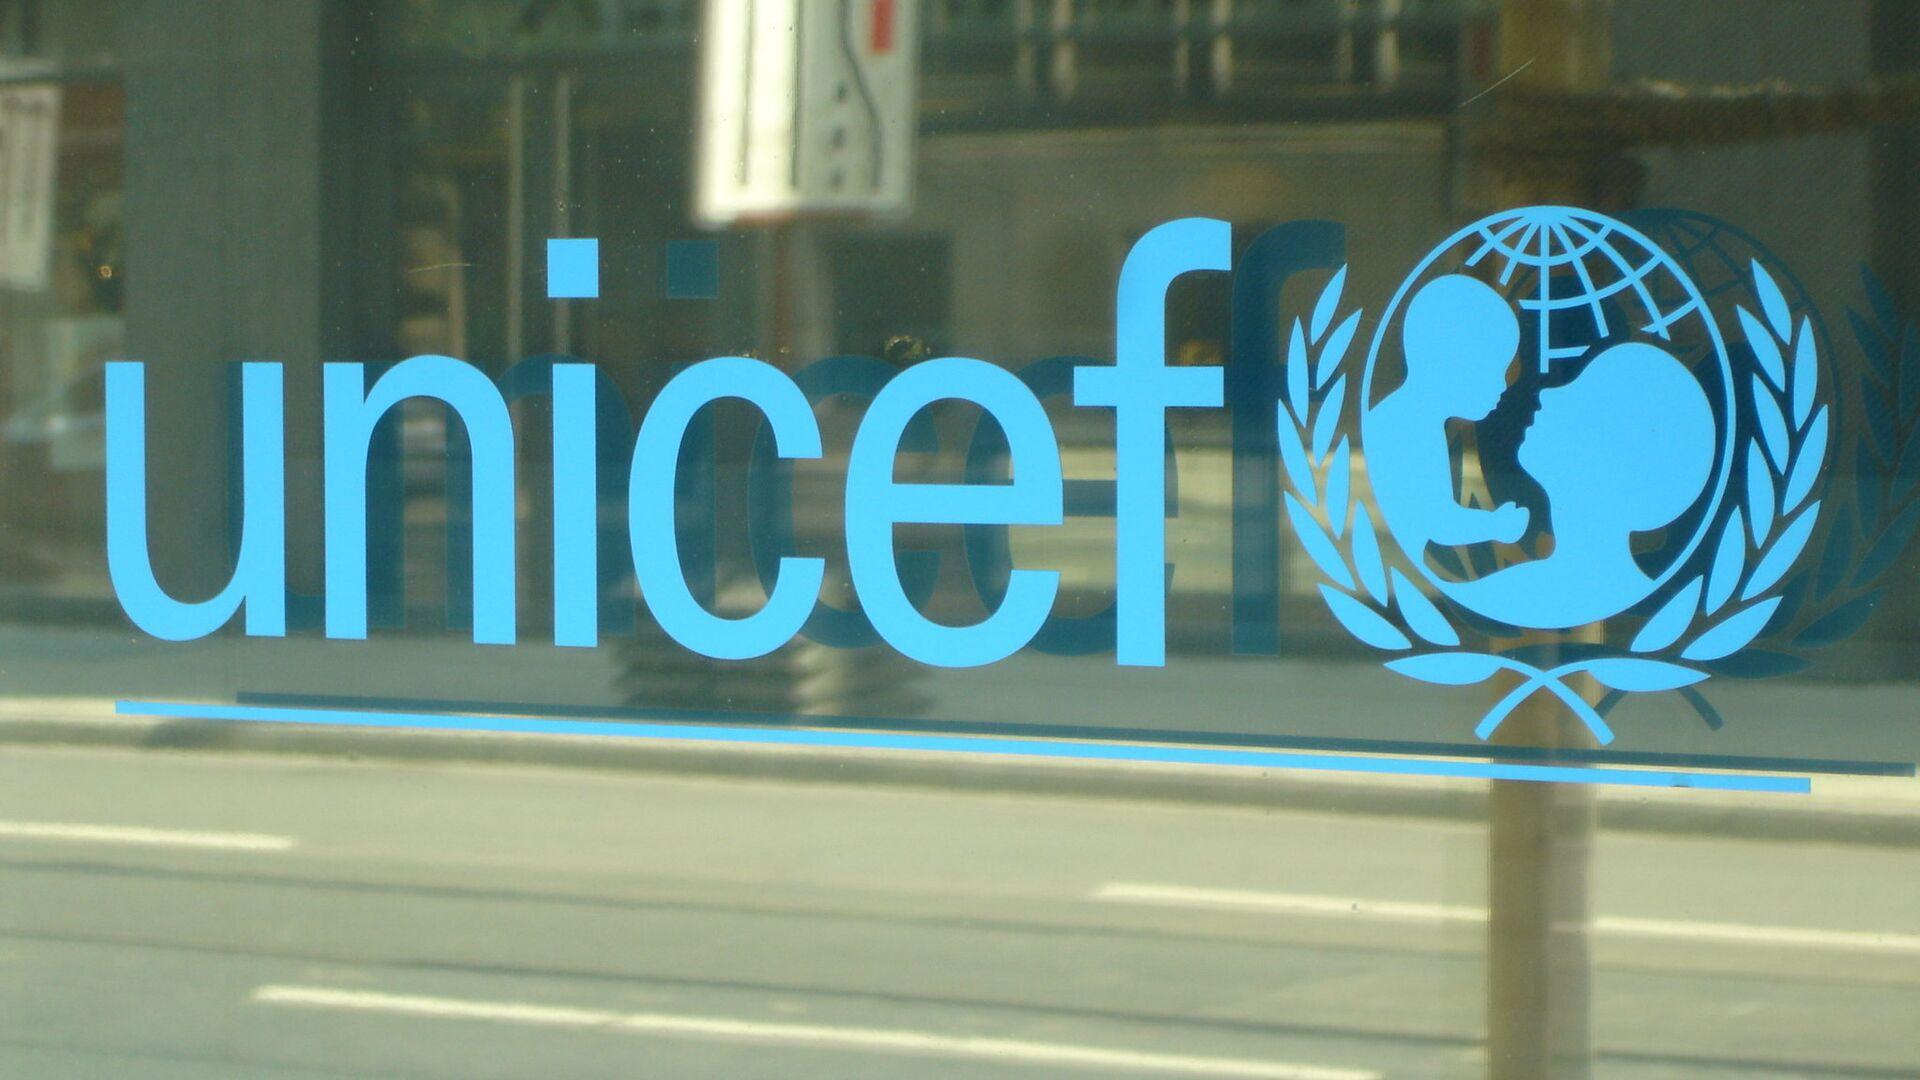 El logo de UNICEF - Sputnik Mundo, 1920, 29.03.2021